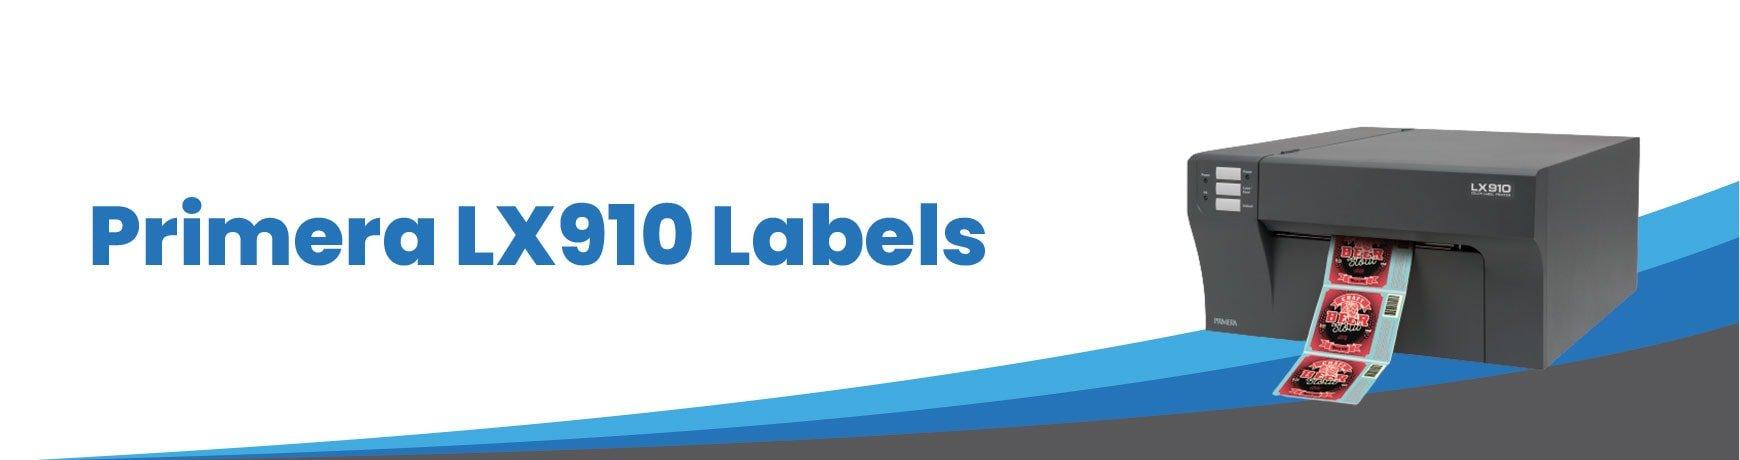 Primera LX910 Labels